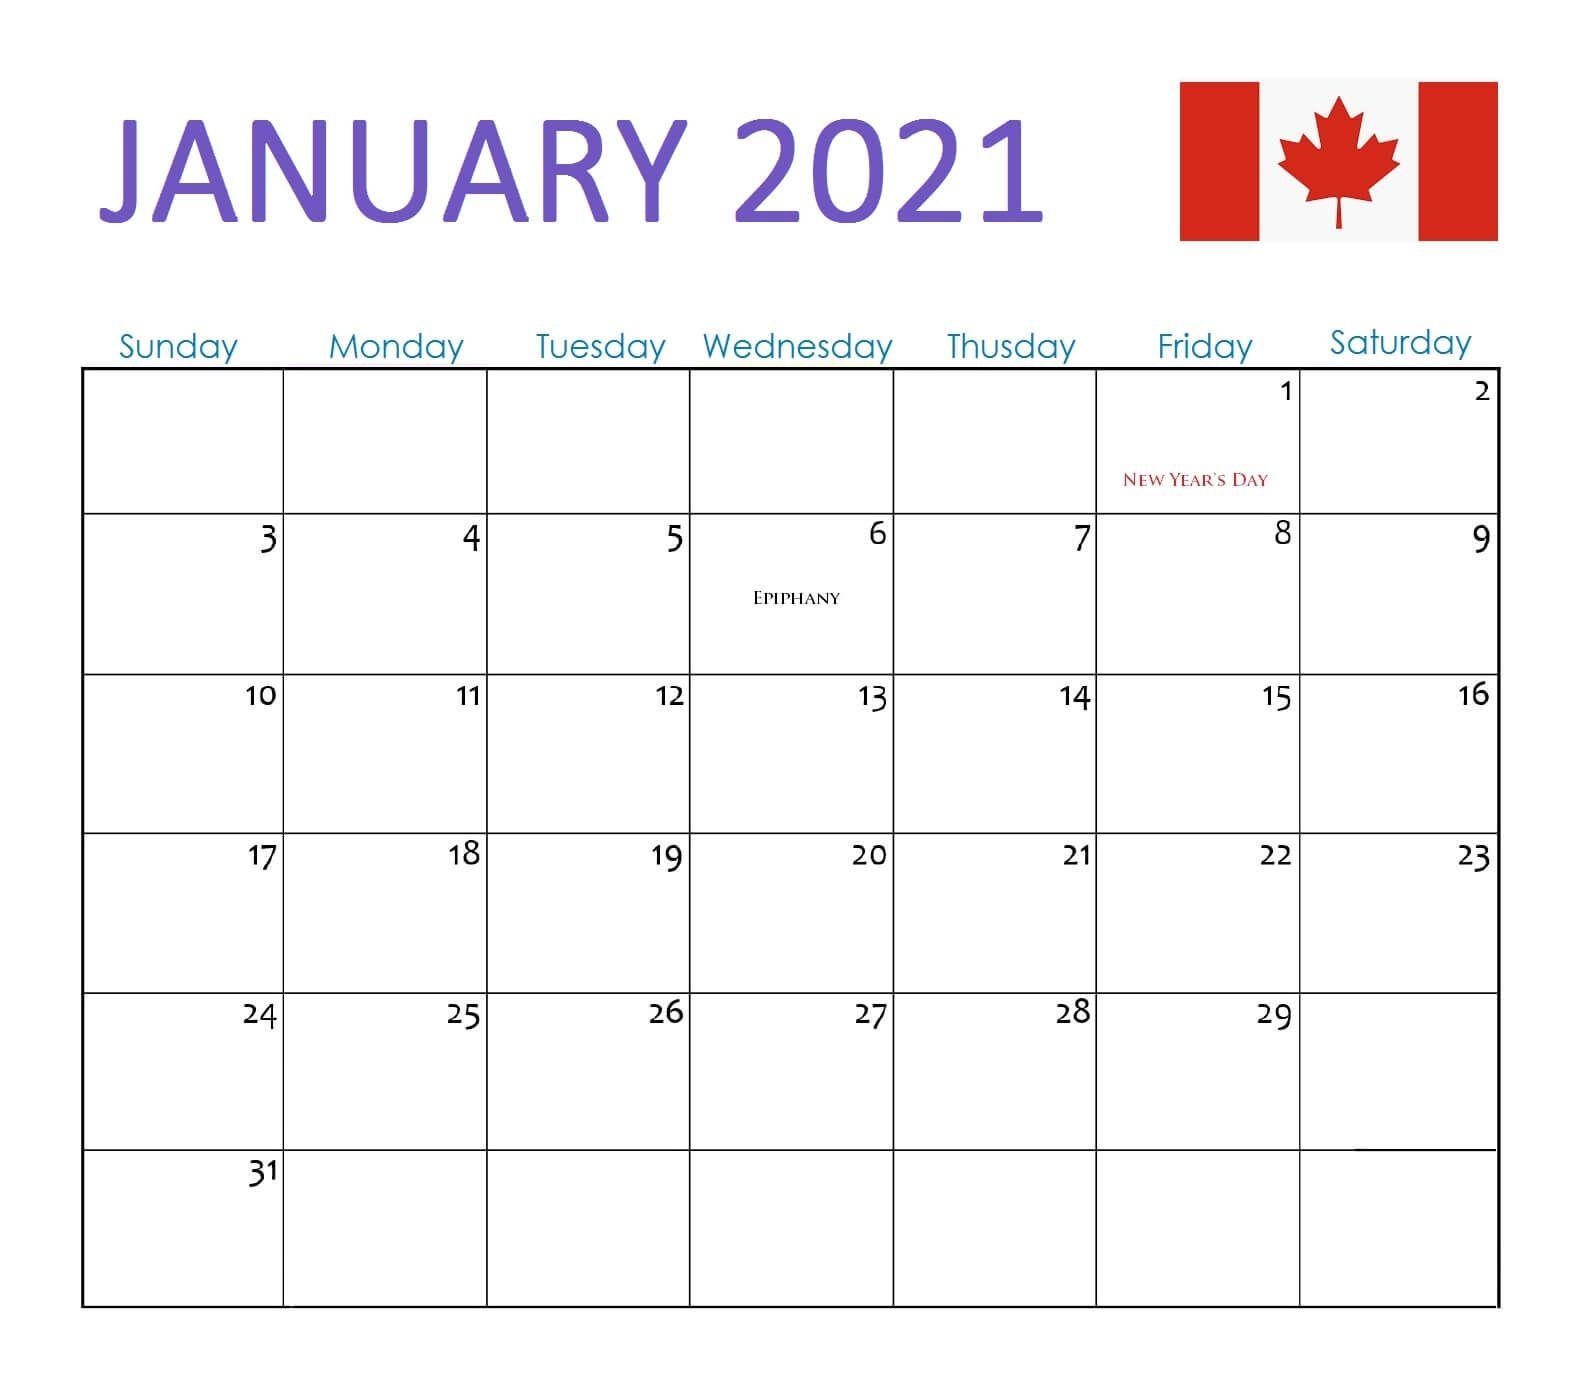 January 2021 Calendar Canada With Holidays   2021 Calendar